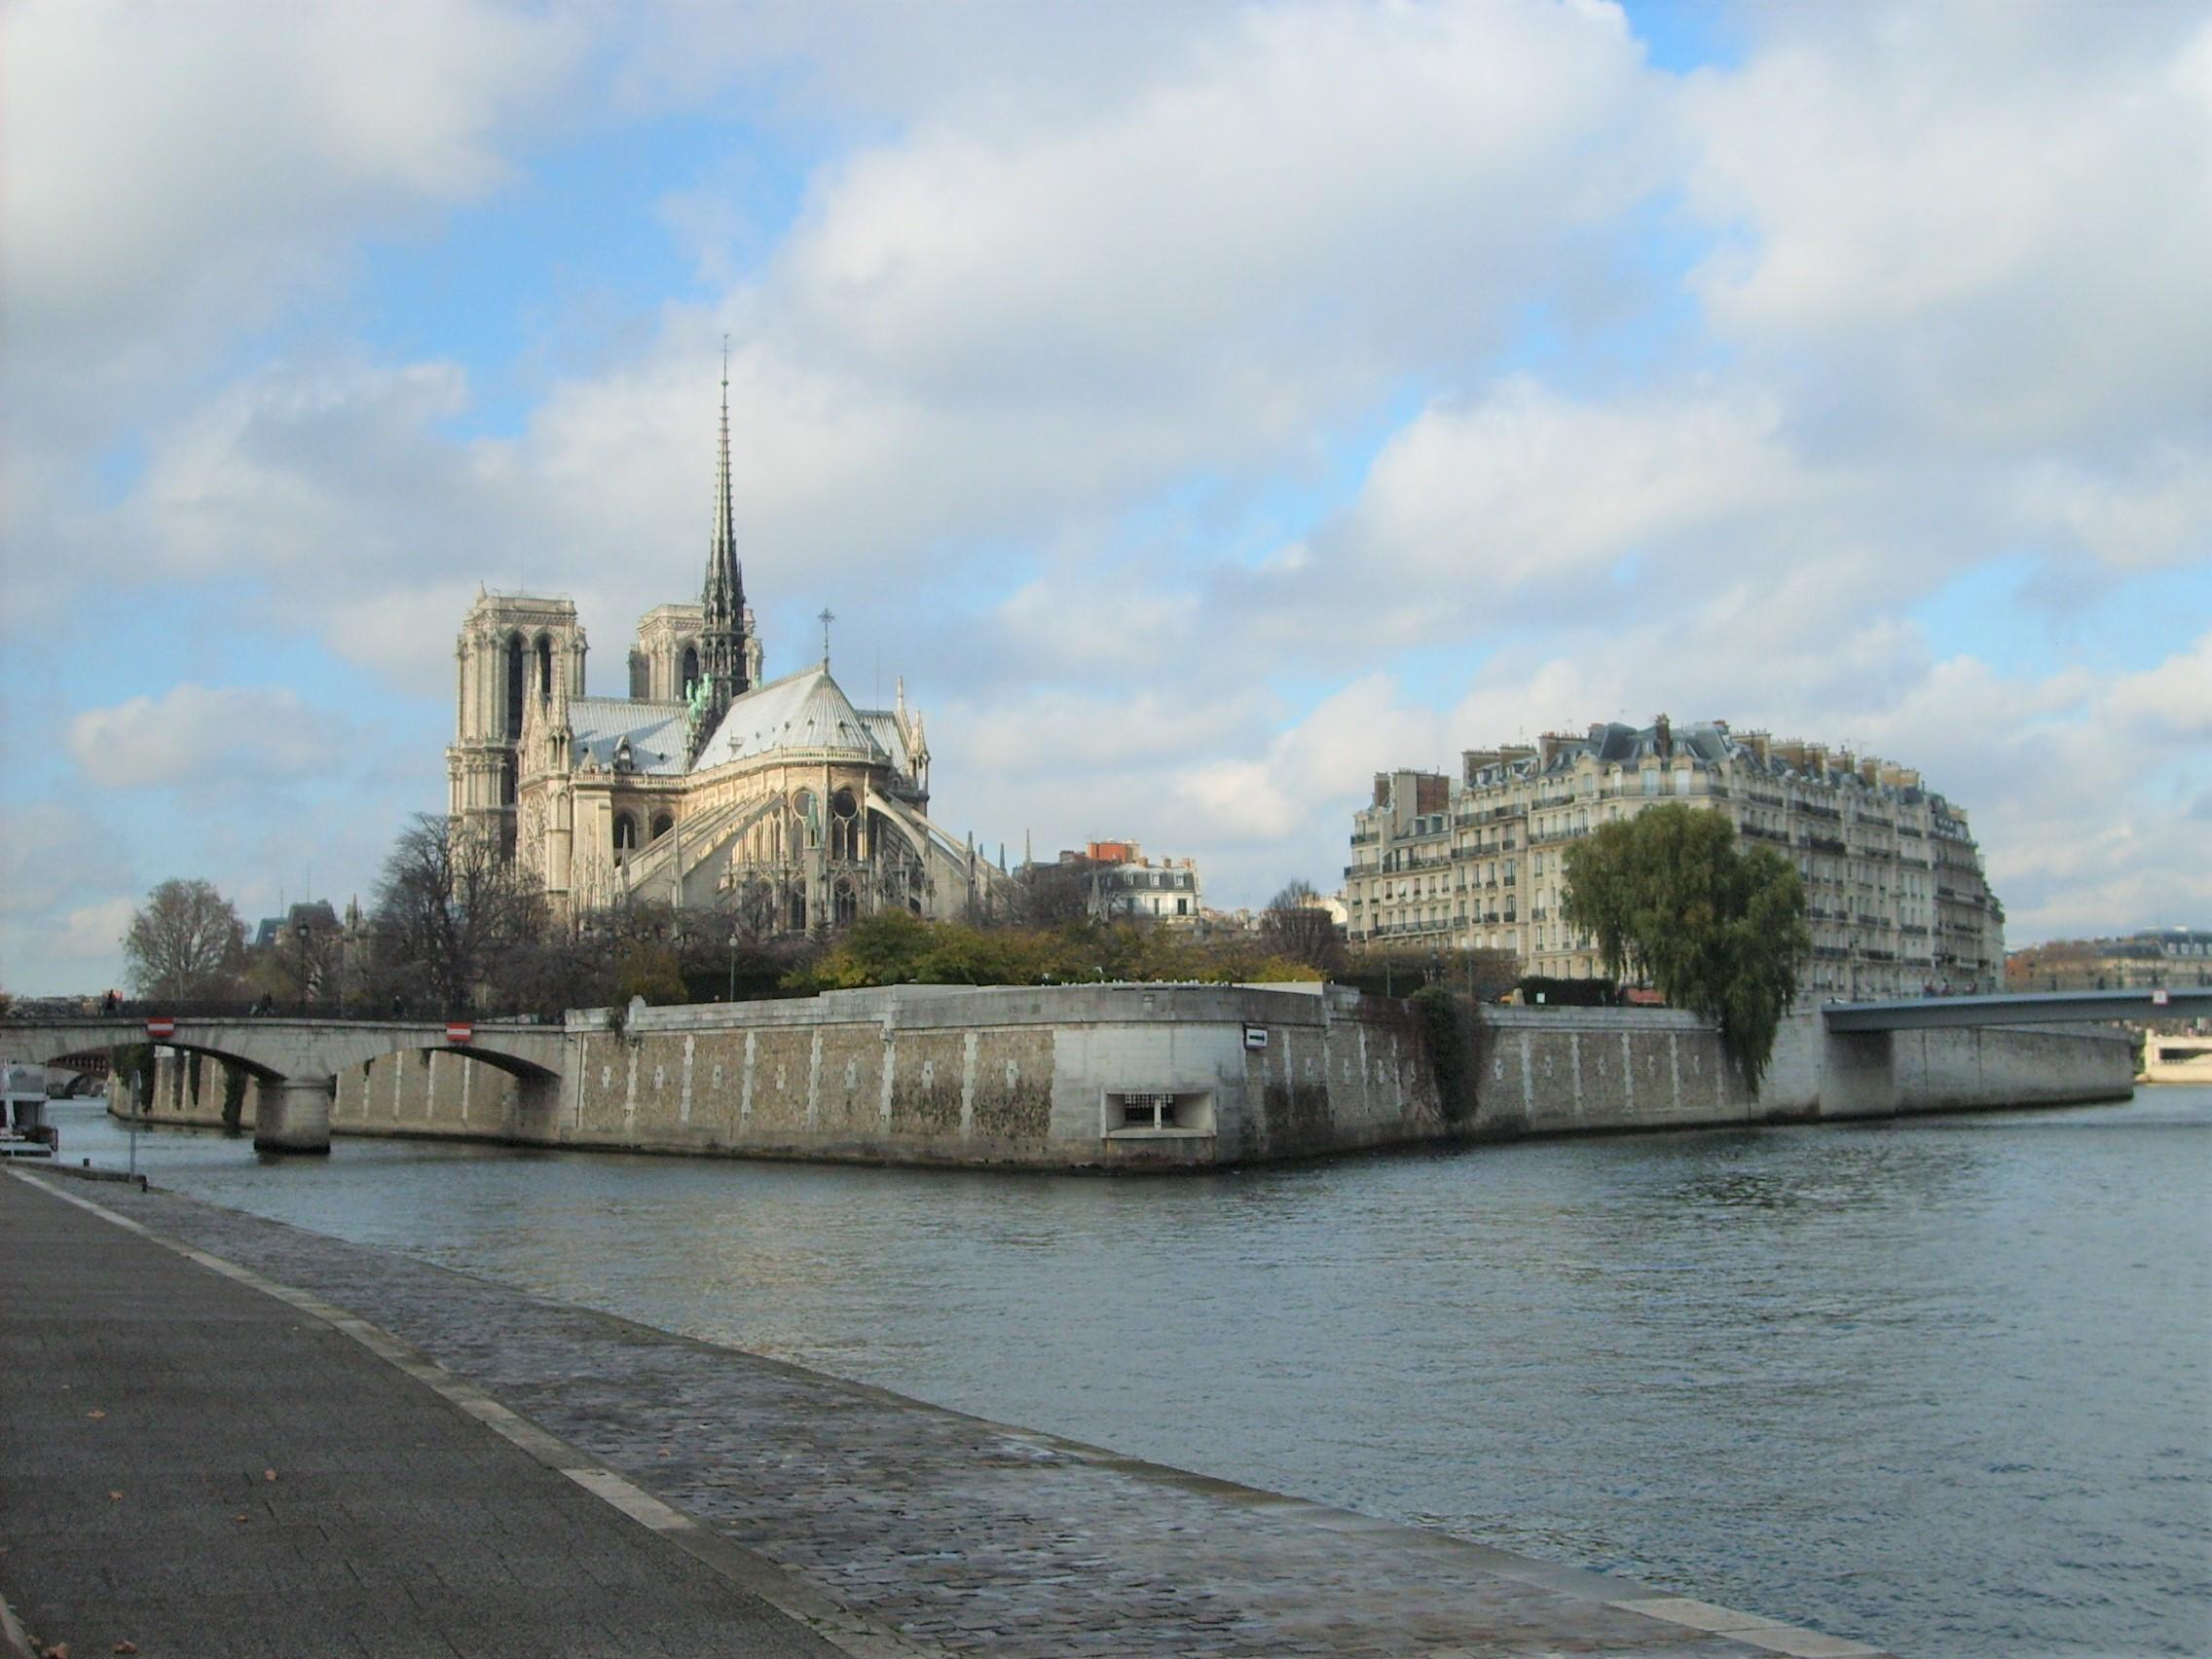 http://episeine.fr/sites/default/files/thumbnails/image/paris-notre-dame-cathedral.jpg